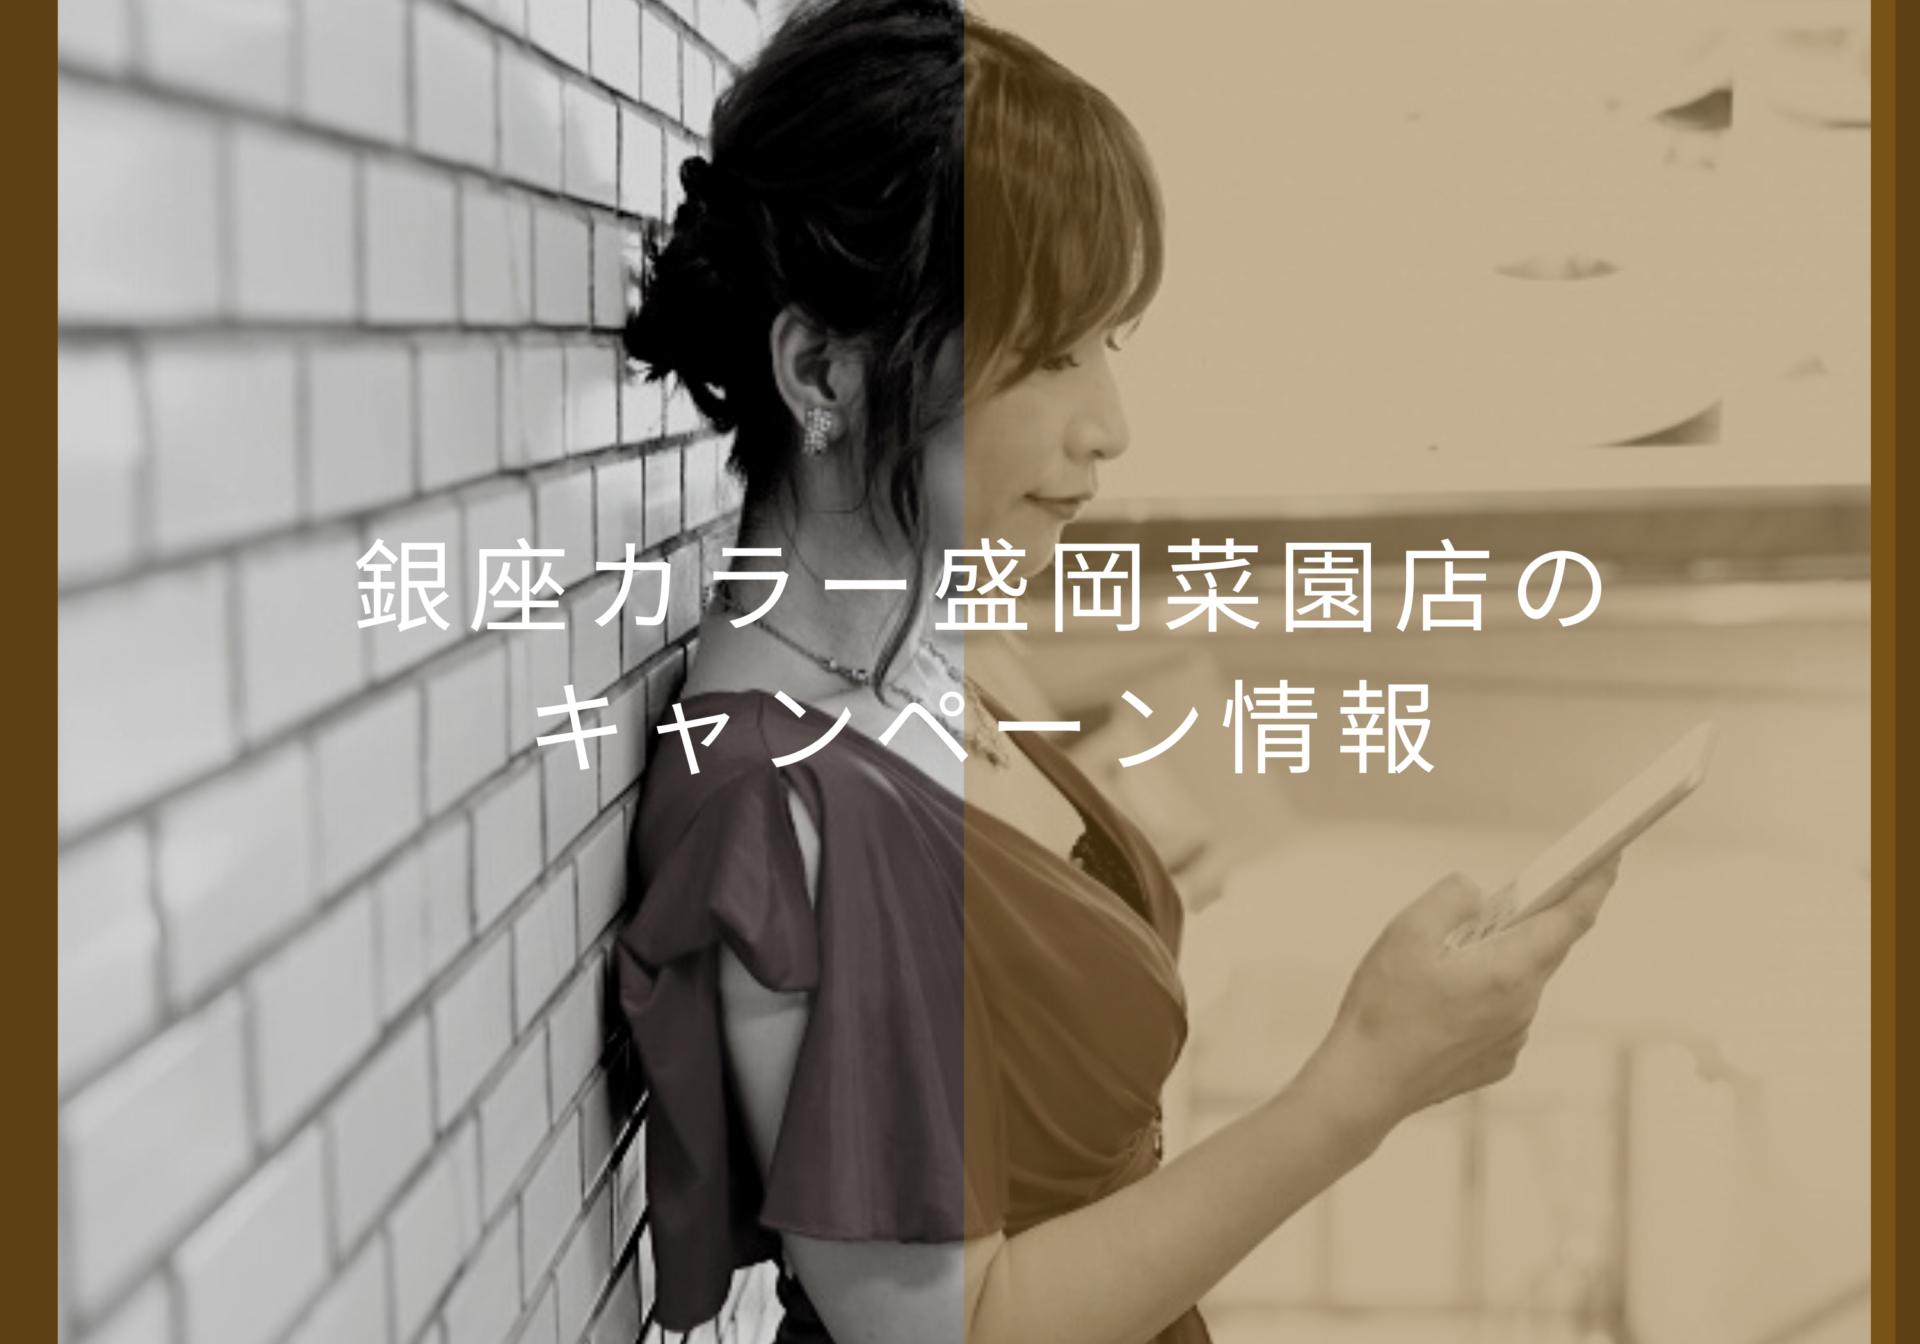 銀座カラー盛岡菜園店キャンペーン情報